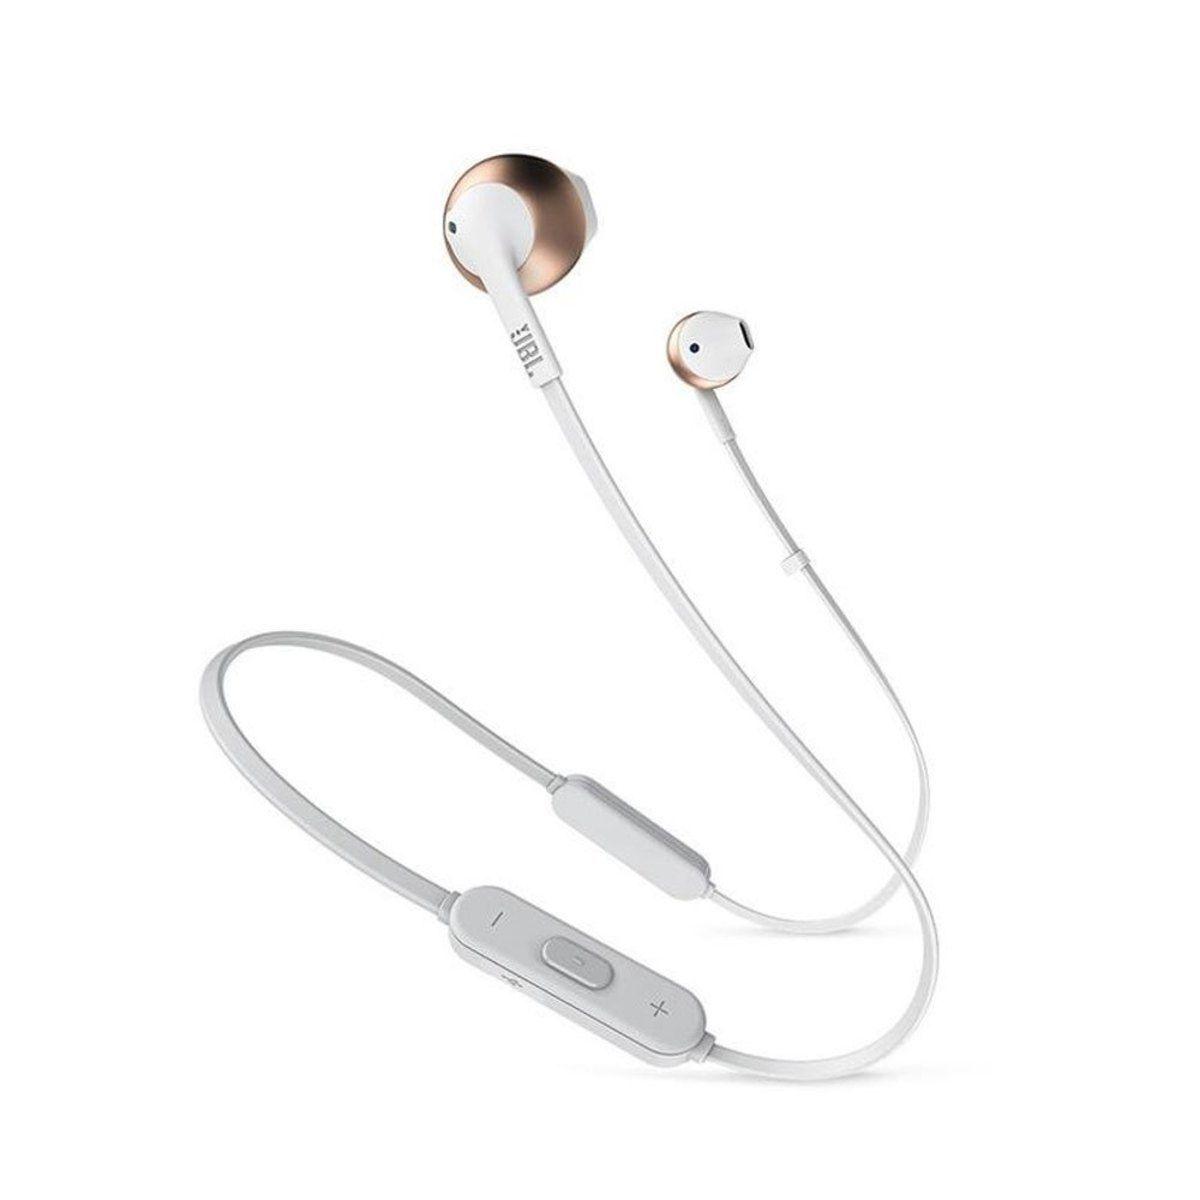 Fone de Ouvido IN EAR JBL TUNE205 Bluetooth - 28910925